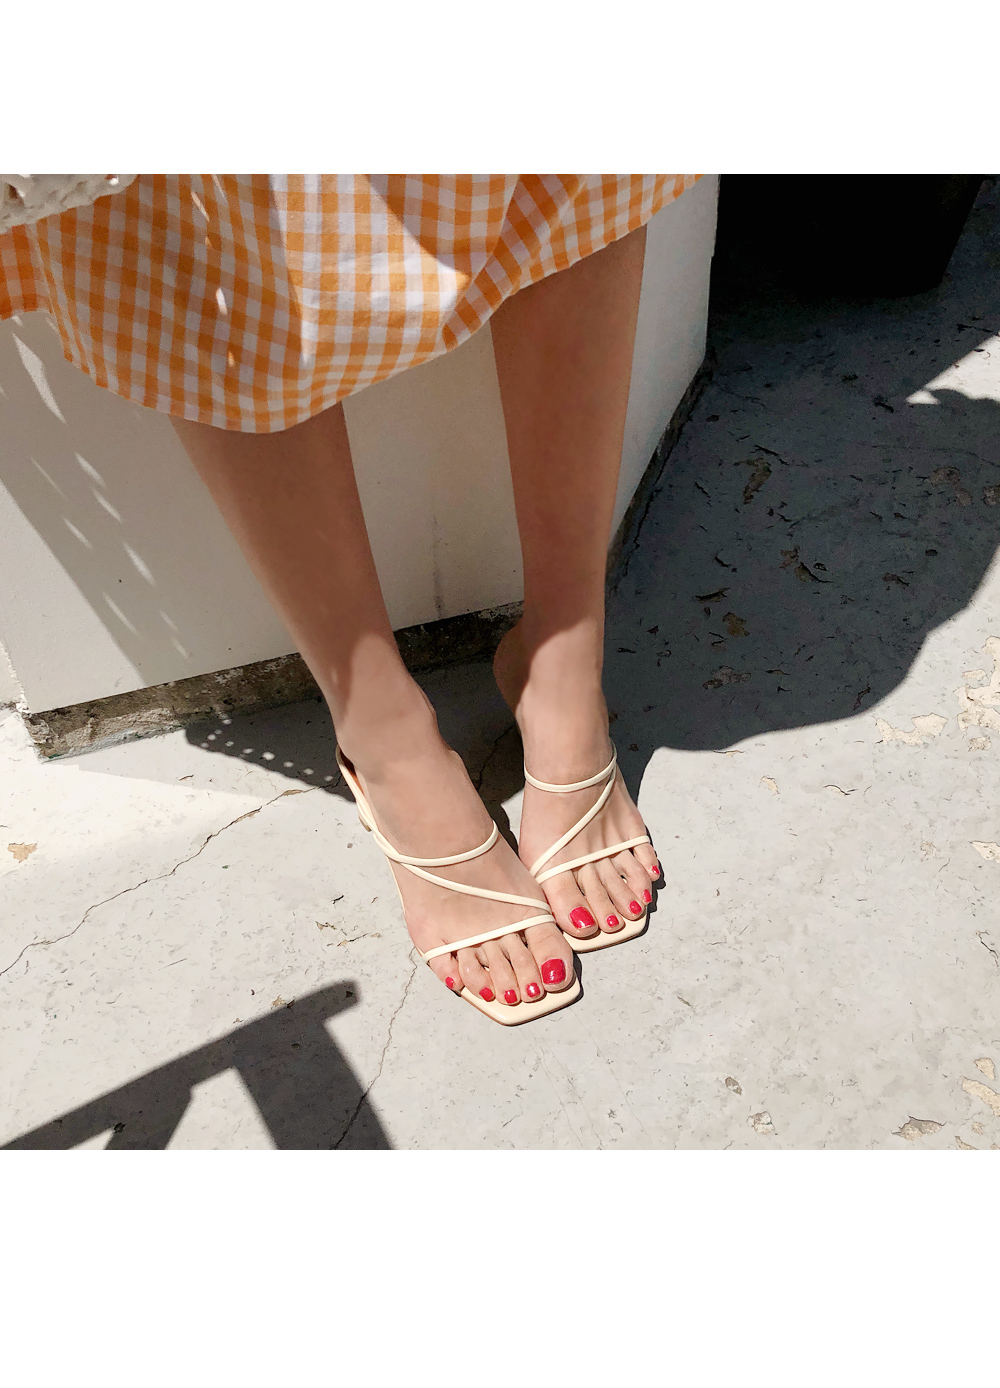 Simple mood slippers